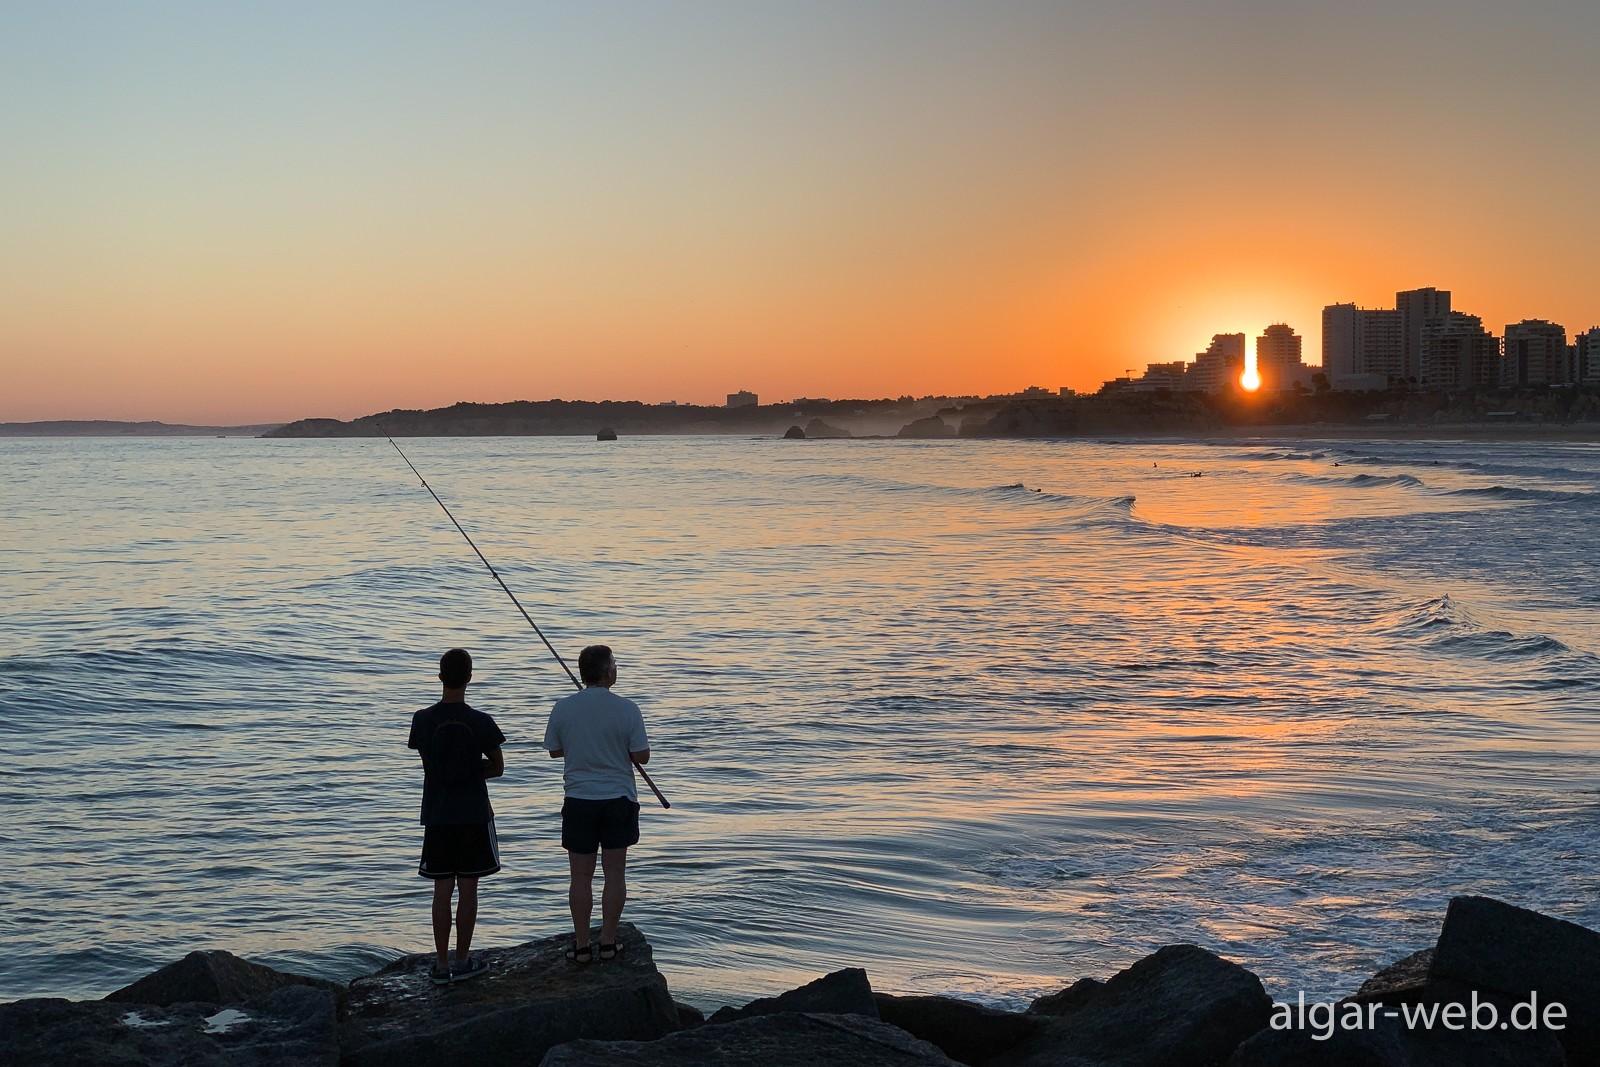 Praia da Rocha - Sunset